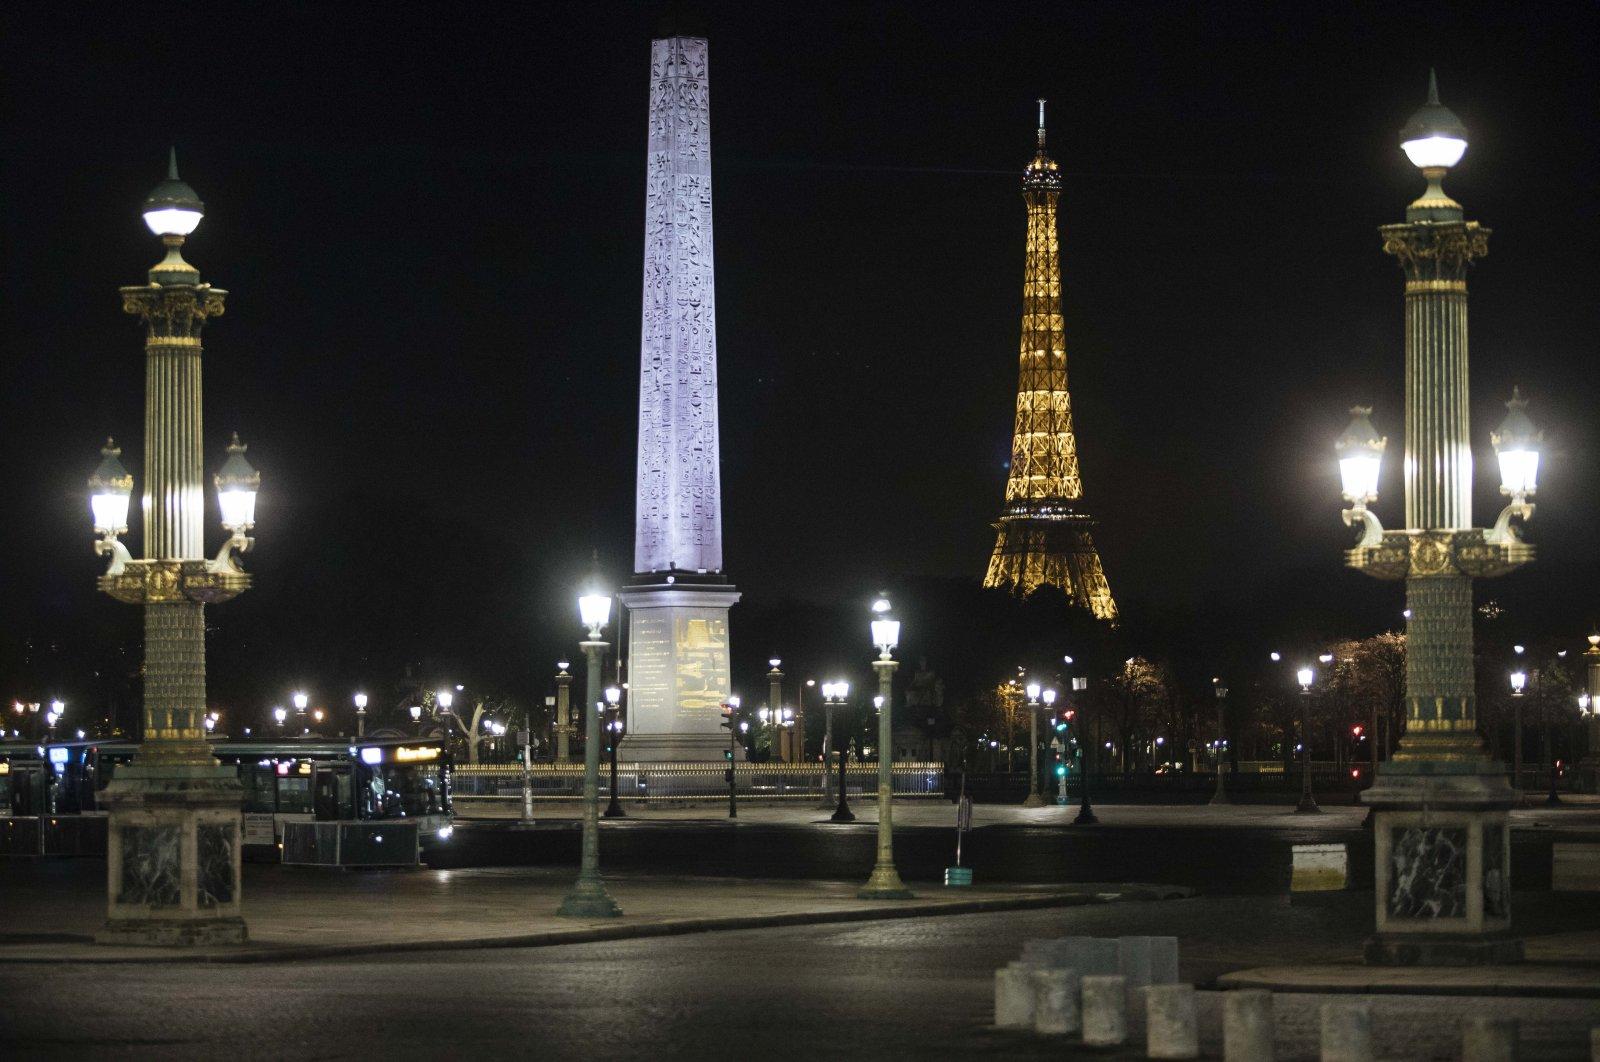 Concorde square is empty during curfew in Paris, Saturday, Oct. 17, 2020. (AP Photo)